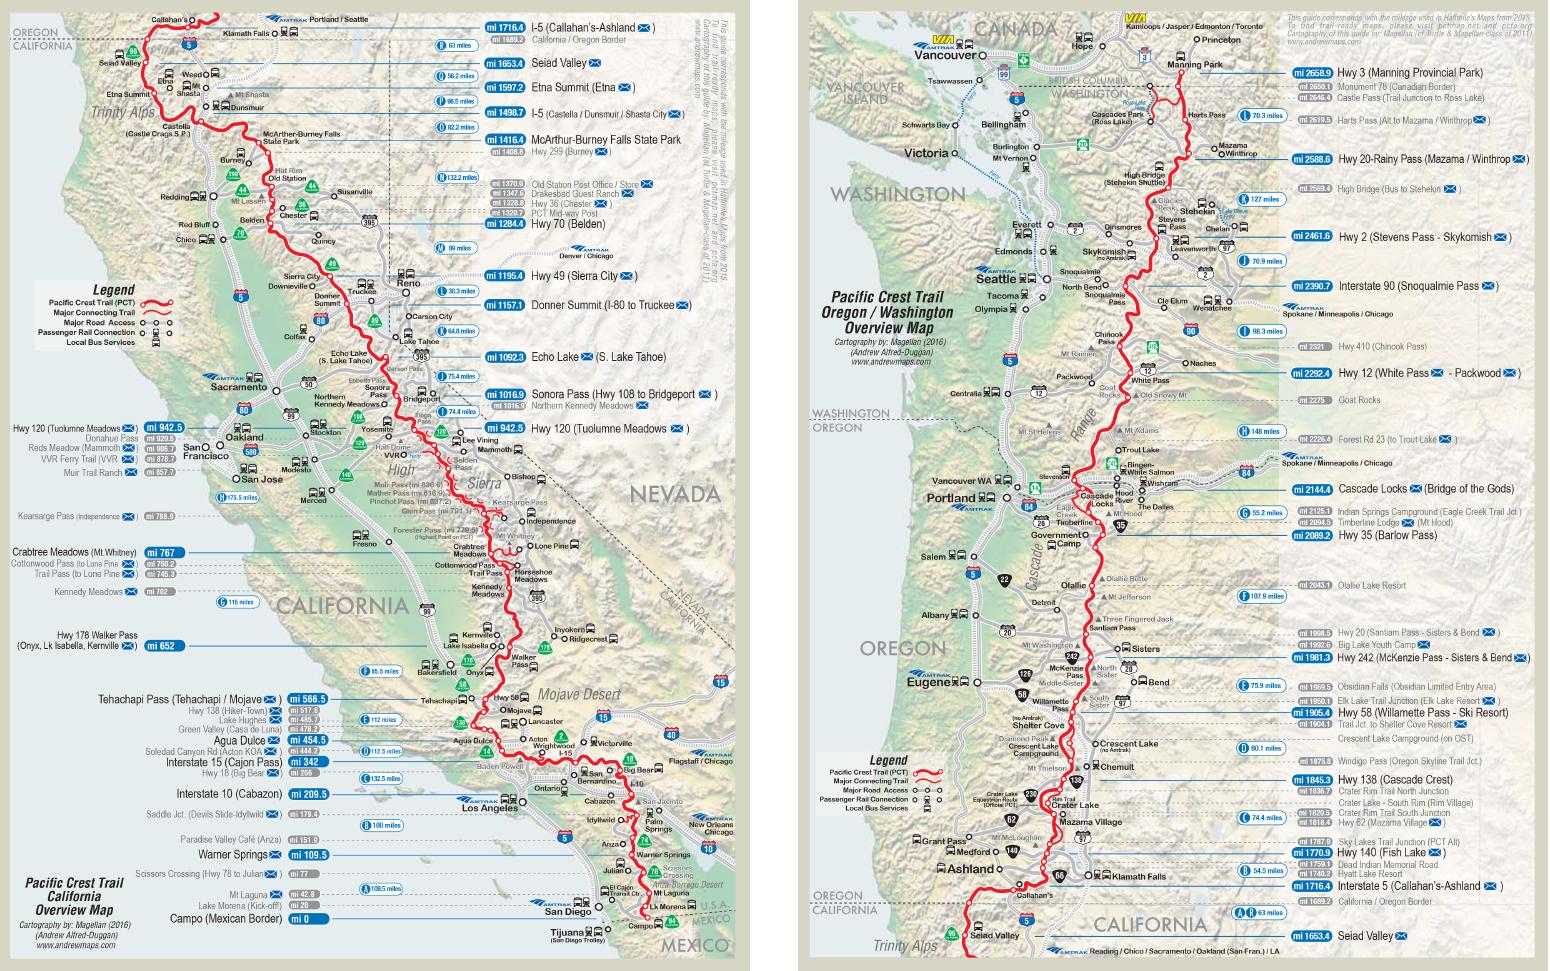 PCT översiktskarta från https://www.pctmap.net/maps/